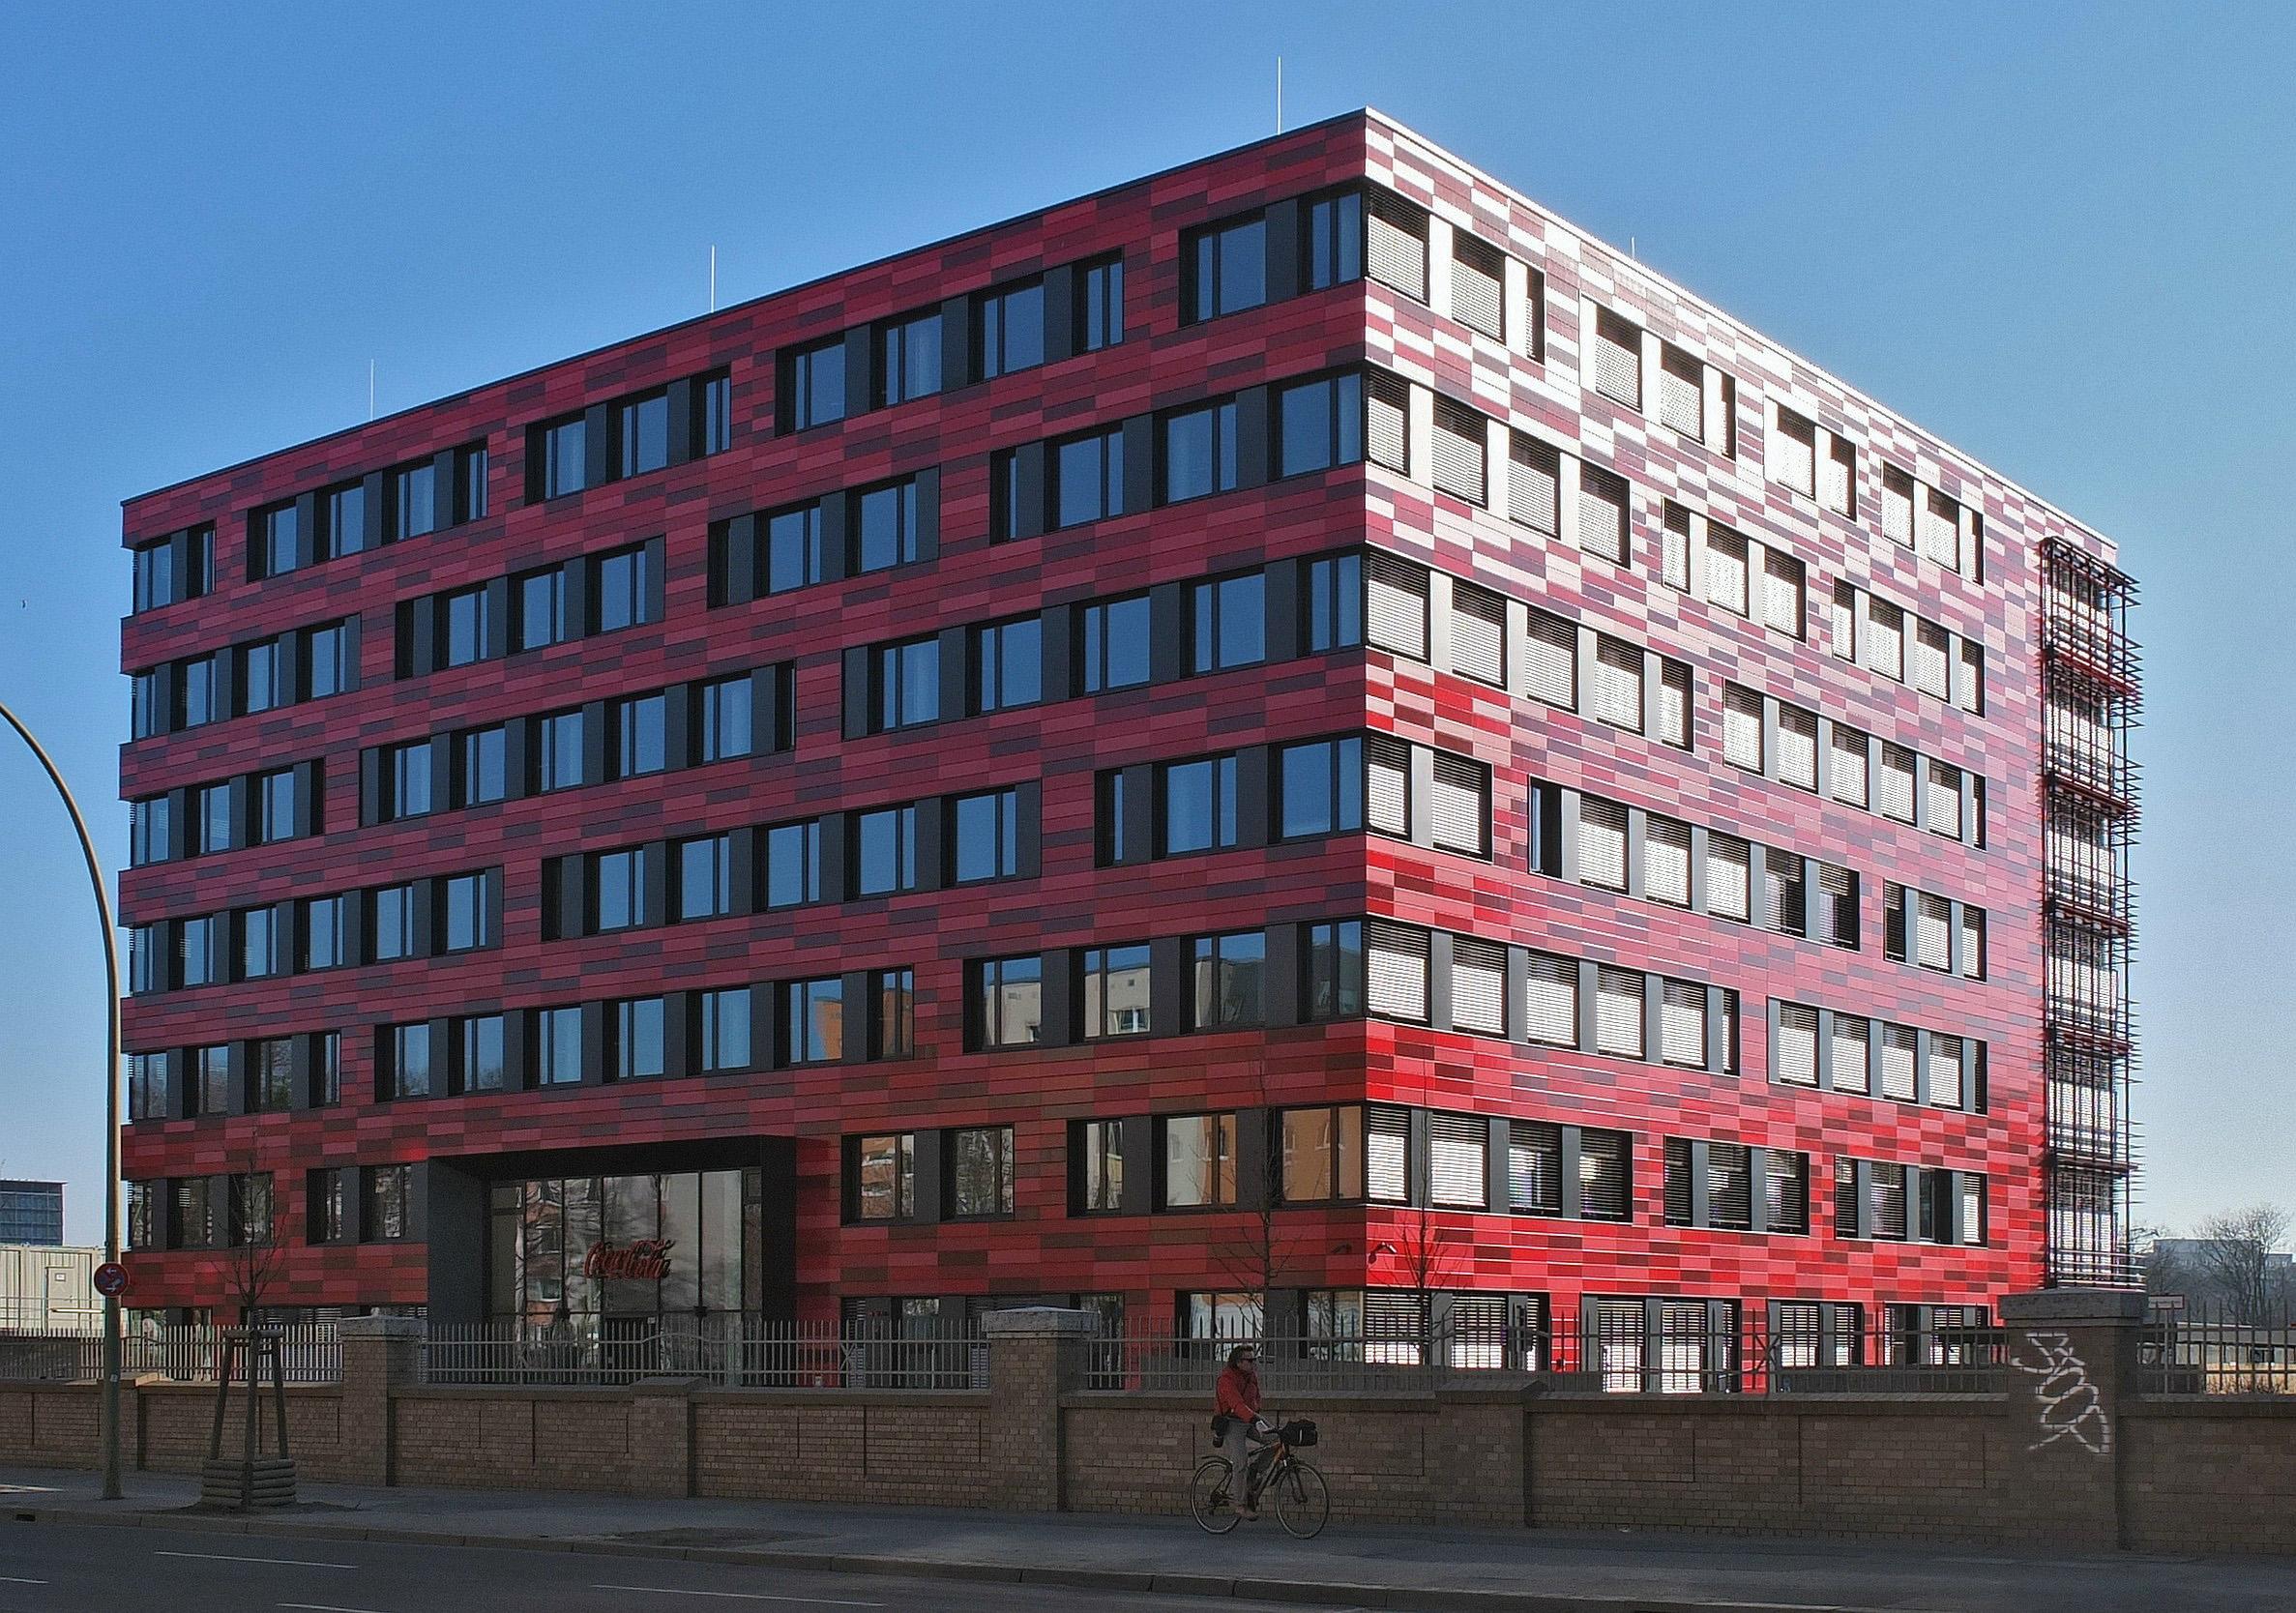 Deutschlandzentrale an der Stralauer Allee in Berlin